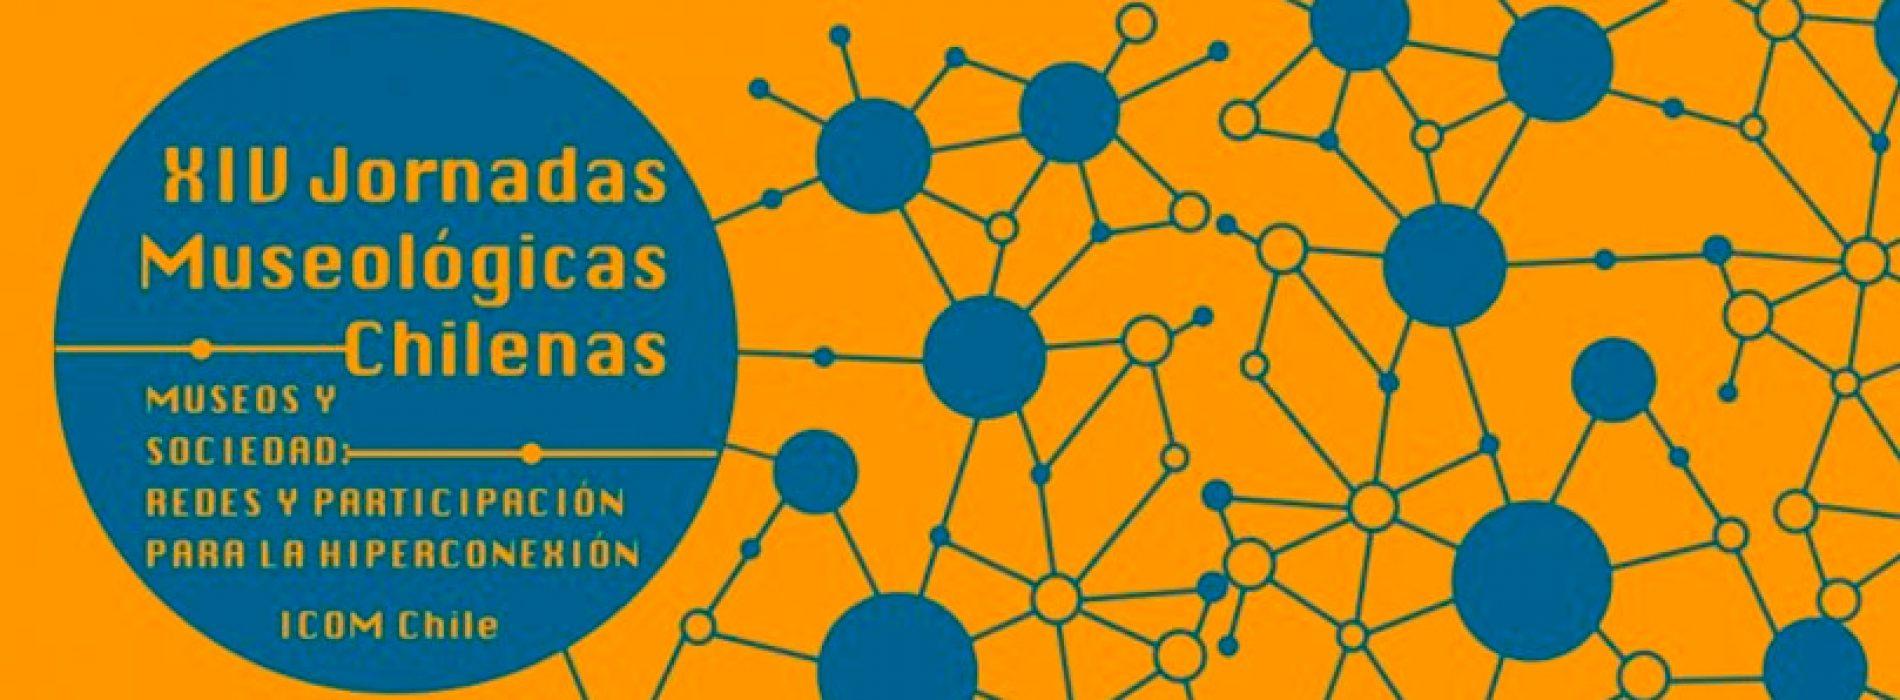 Invitación XIV Jornadas Museológicas Chilenas